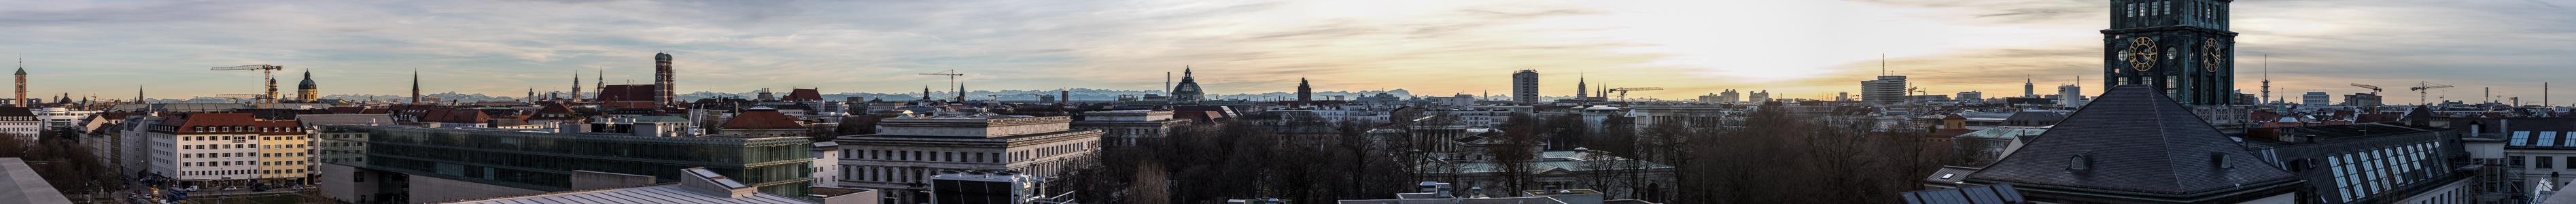 München Blick von der Technischen Universität (Arcisstraße 21)